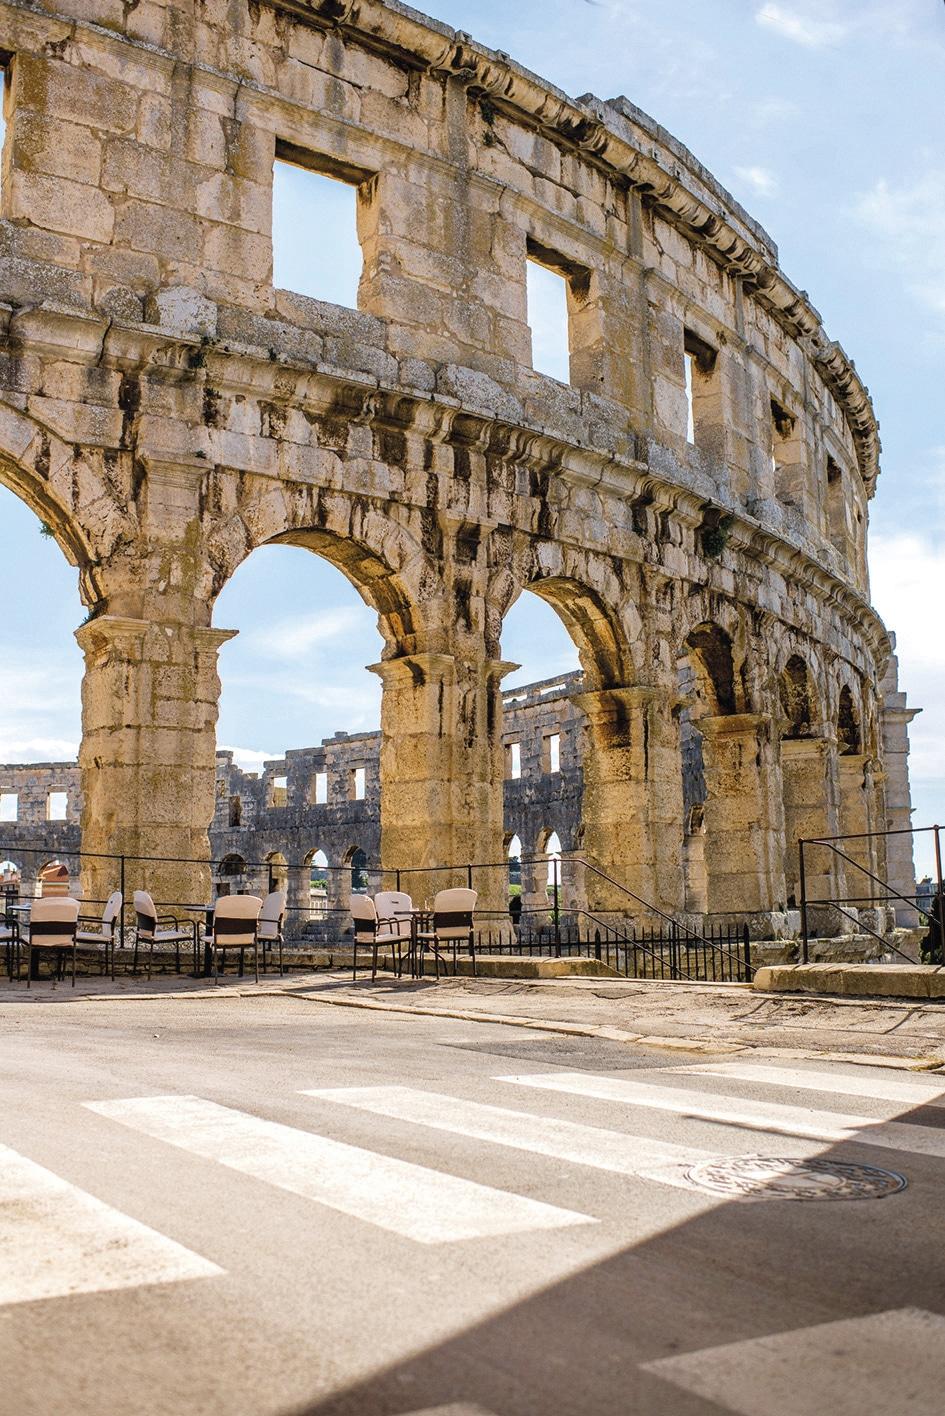 Amphitheater Pula © istock